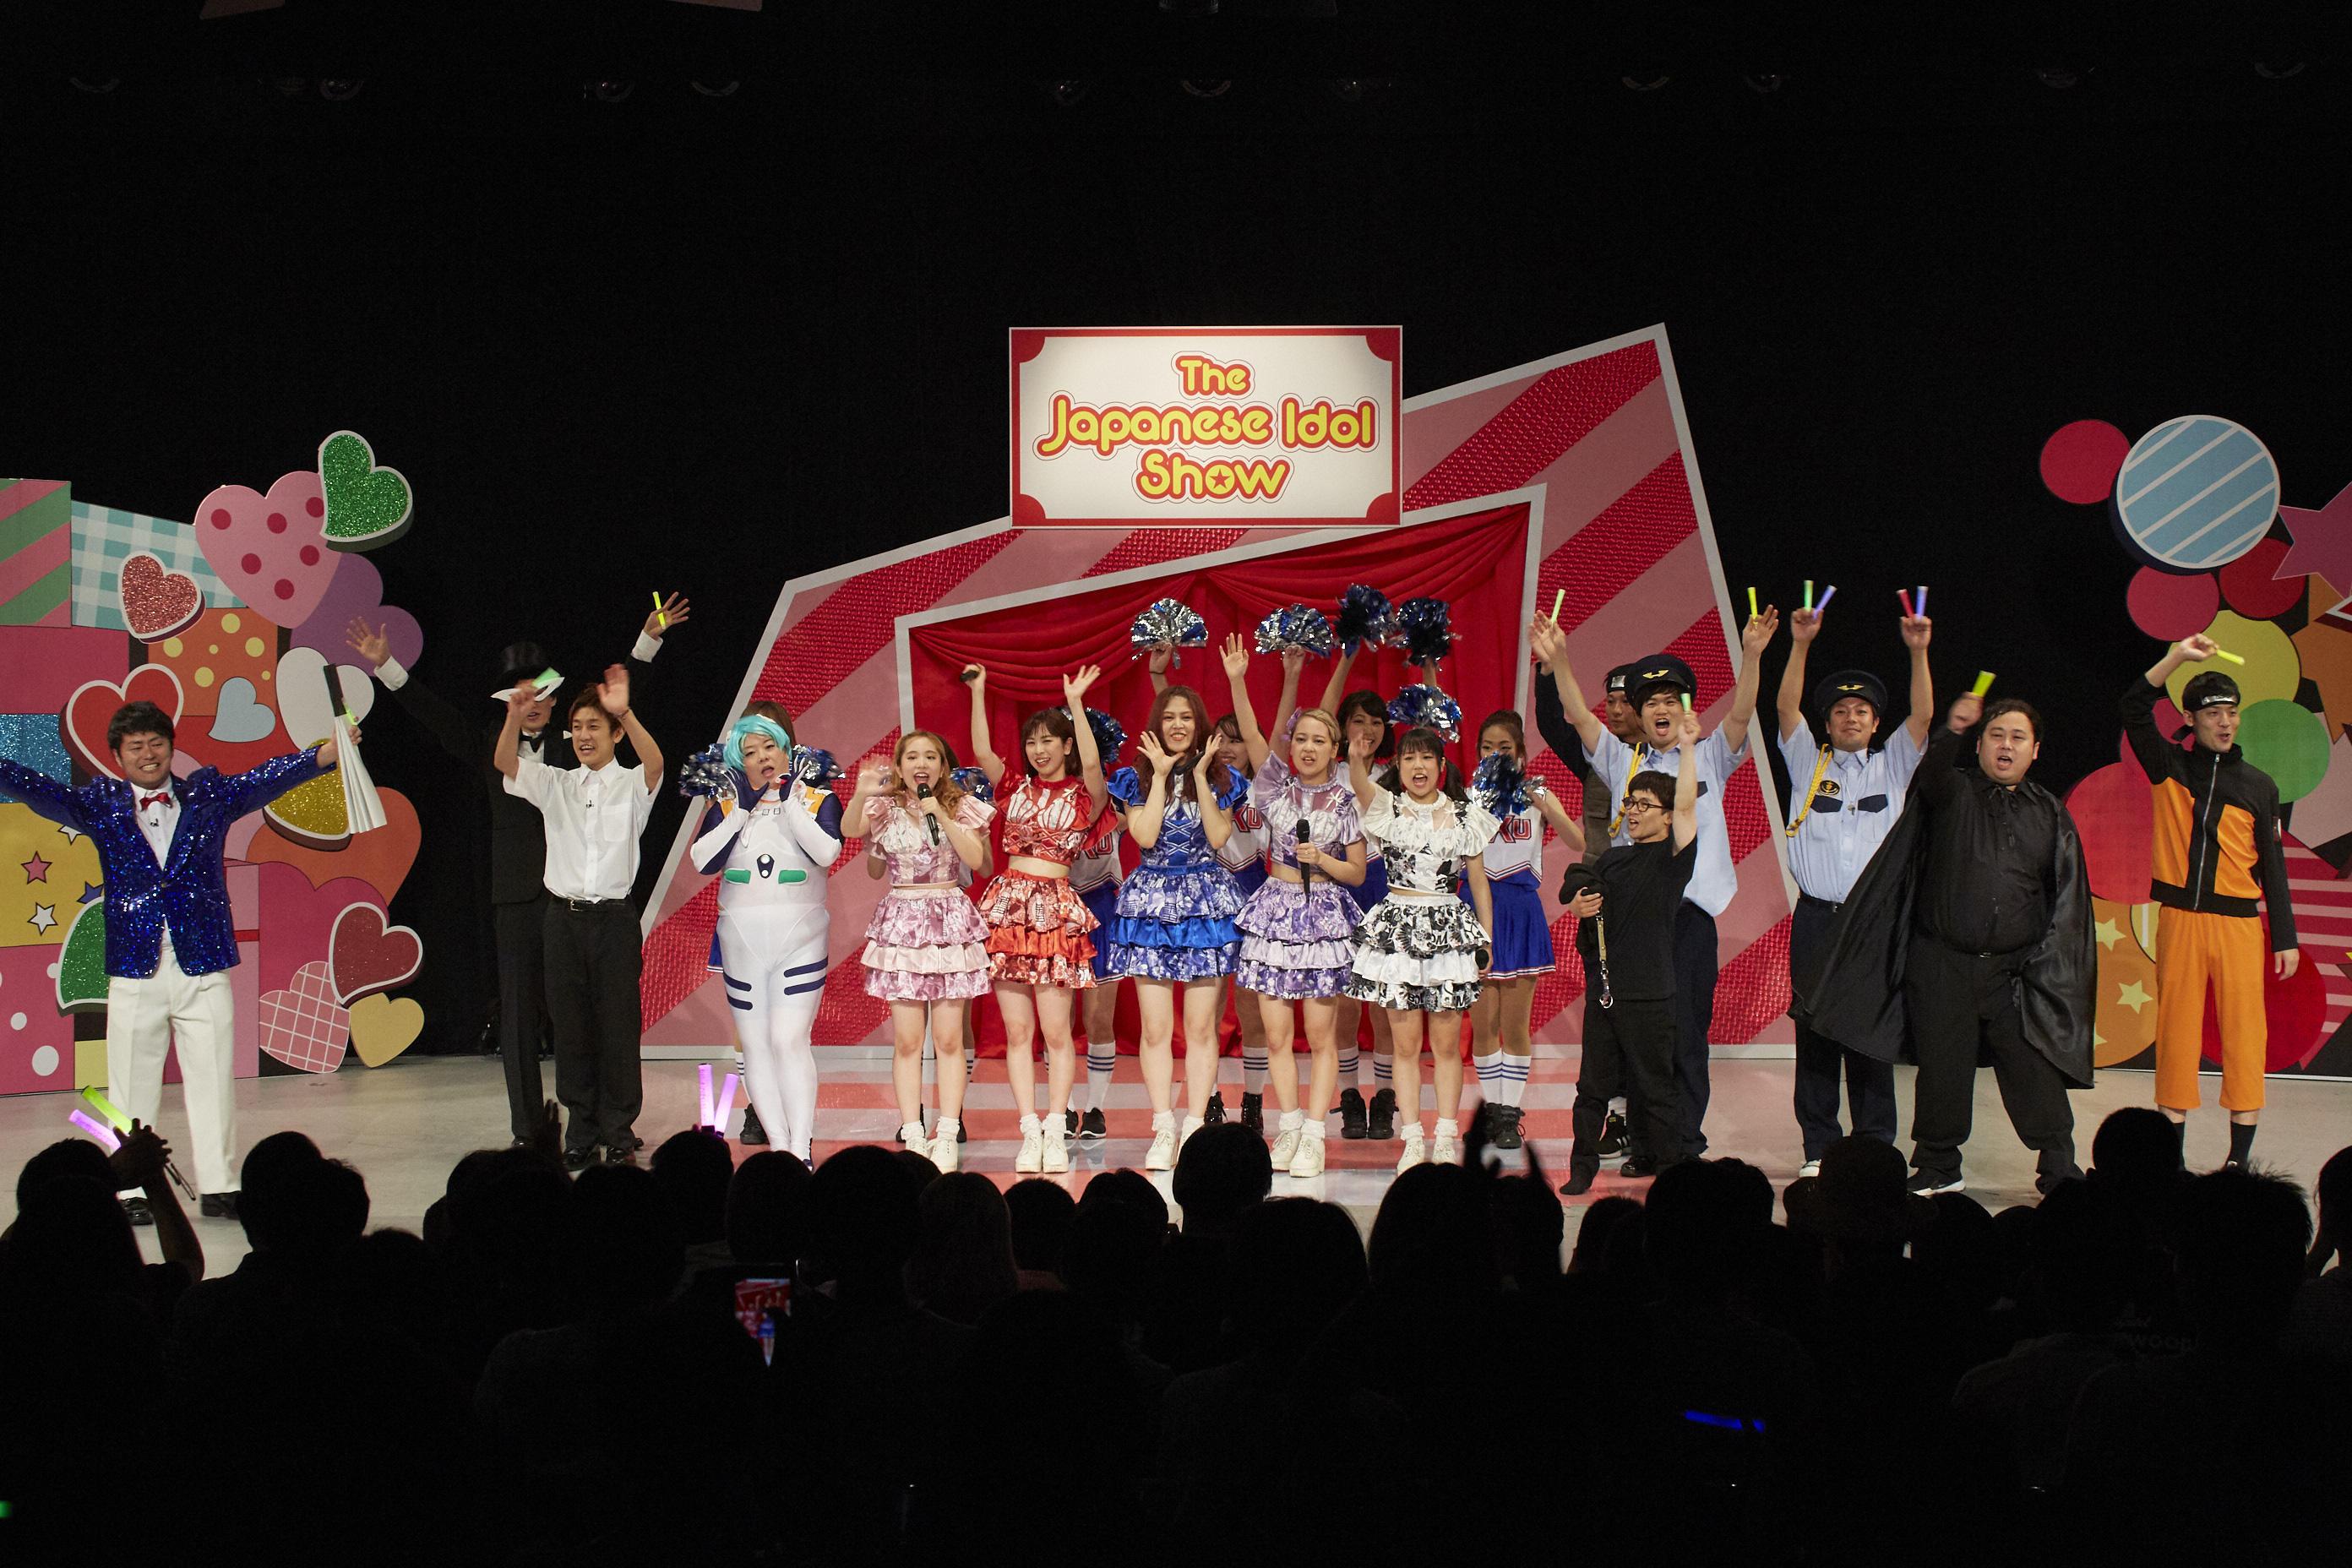 http://news.yoshimoto.co.jp/20180704093329-bdb39a6164e27a86d053b02d08cc5df2d06fc362.jpg